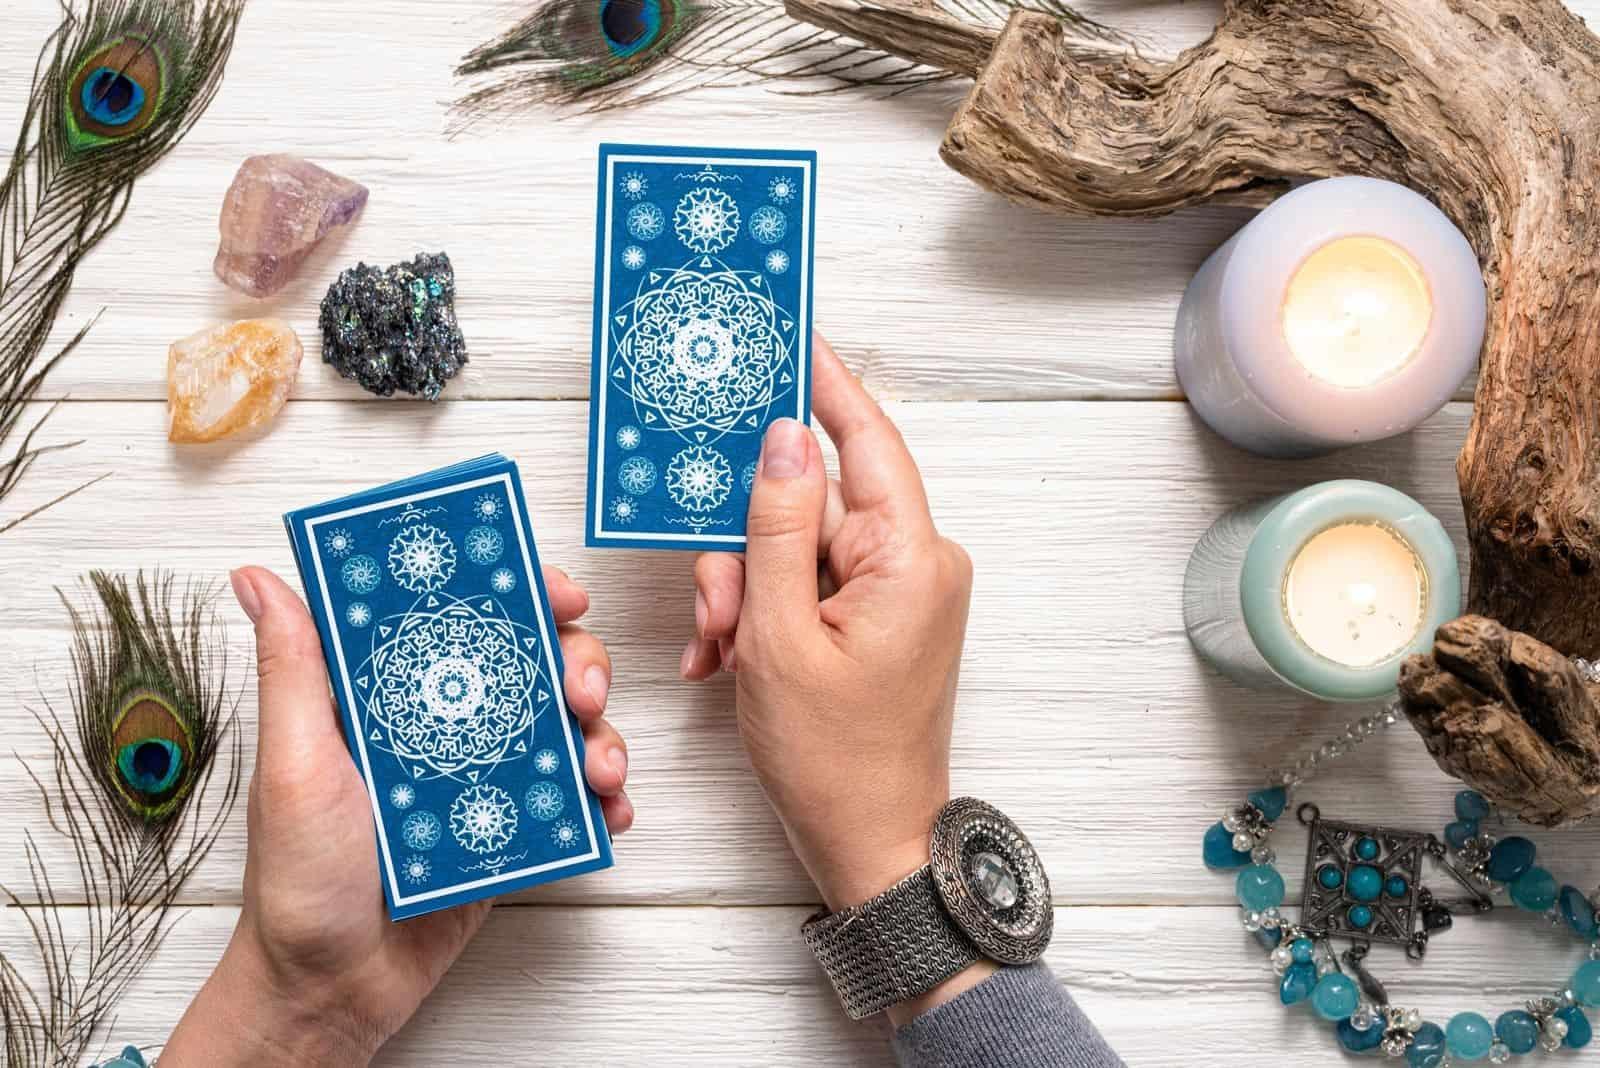 Wahrsagerin Frau und Karten eines blauen Tarot über weißem Holztischhintergrund.